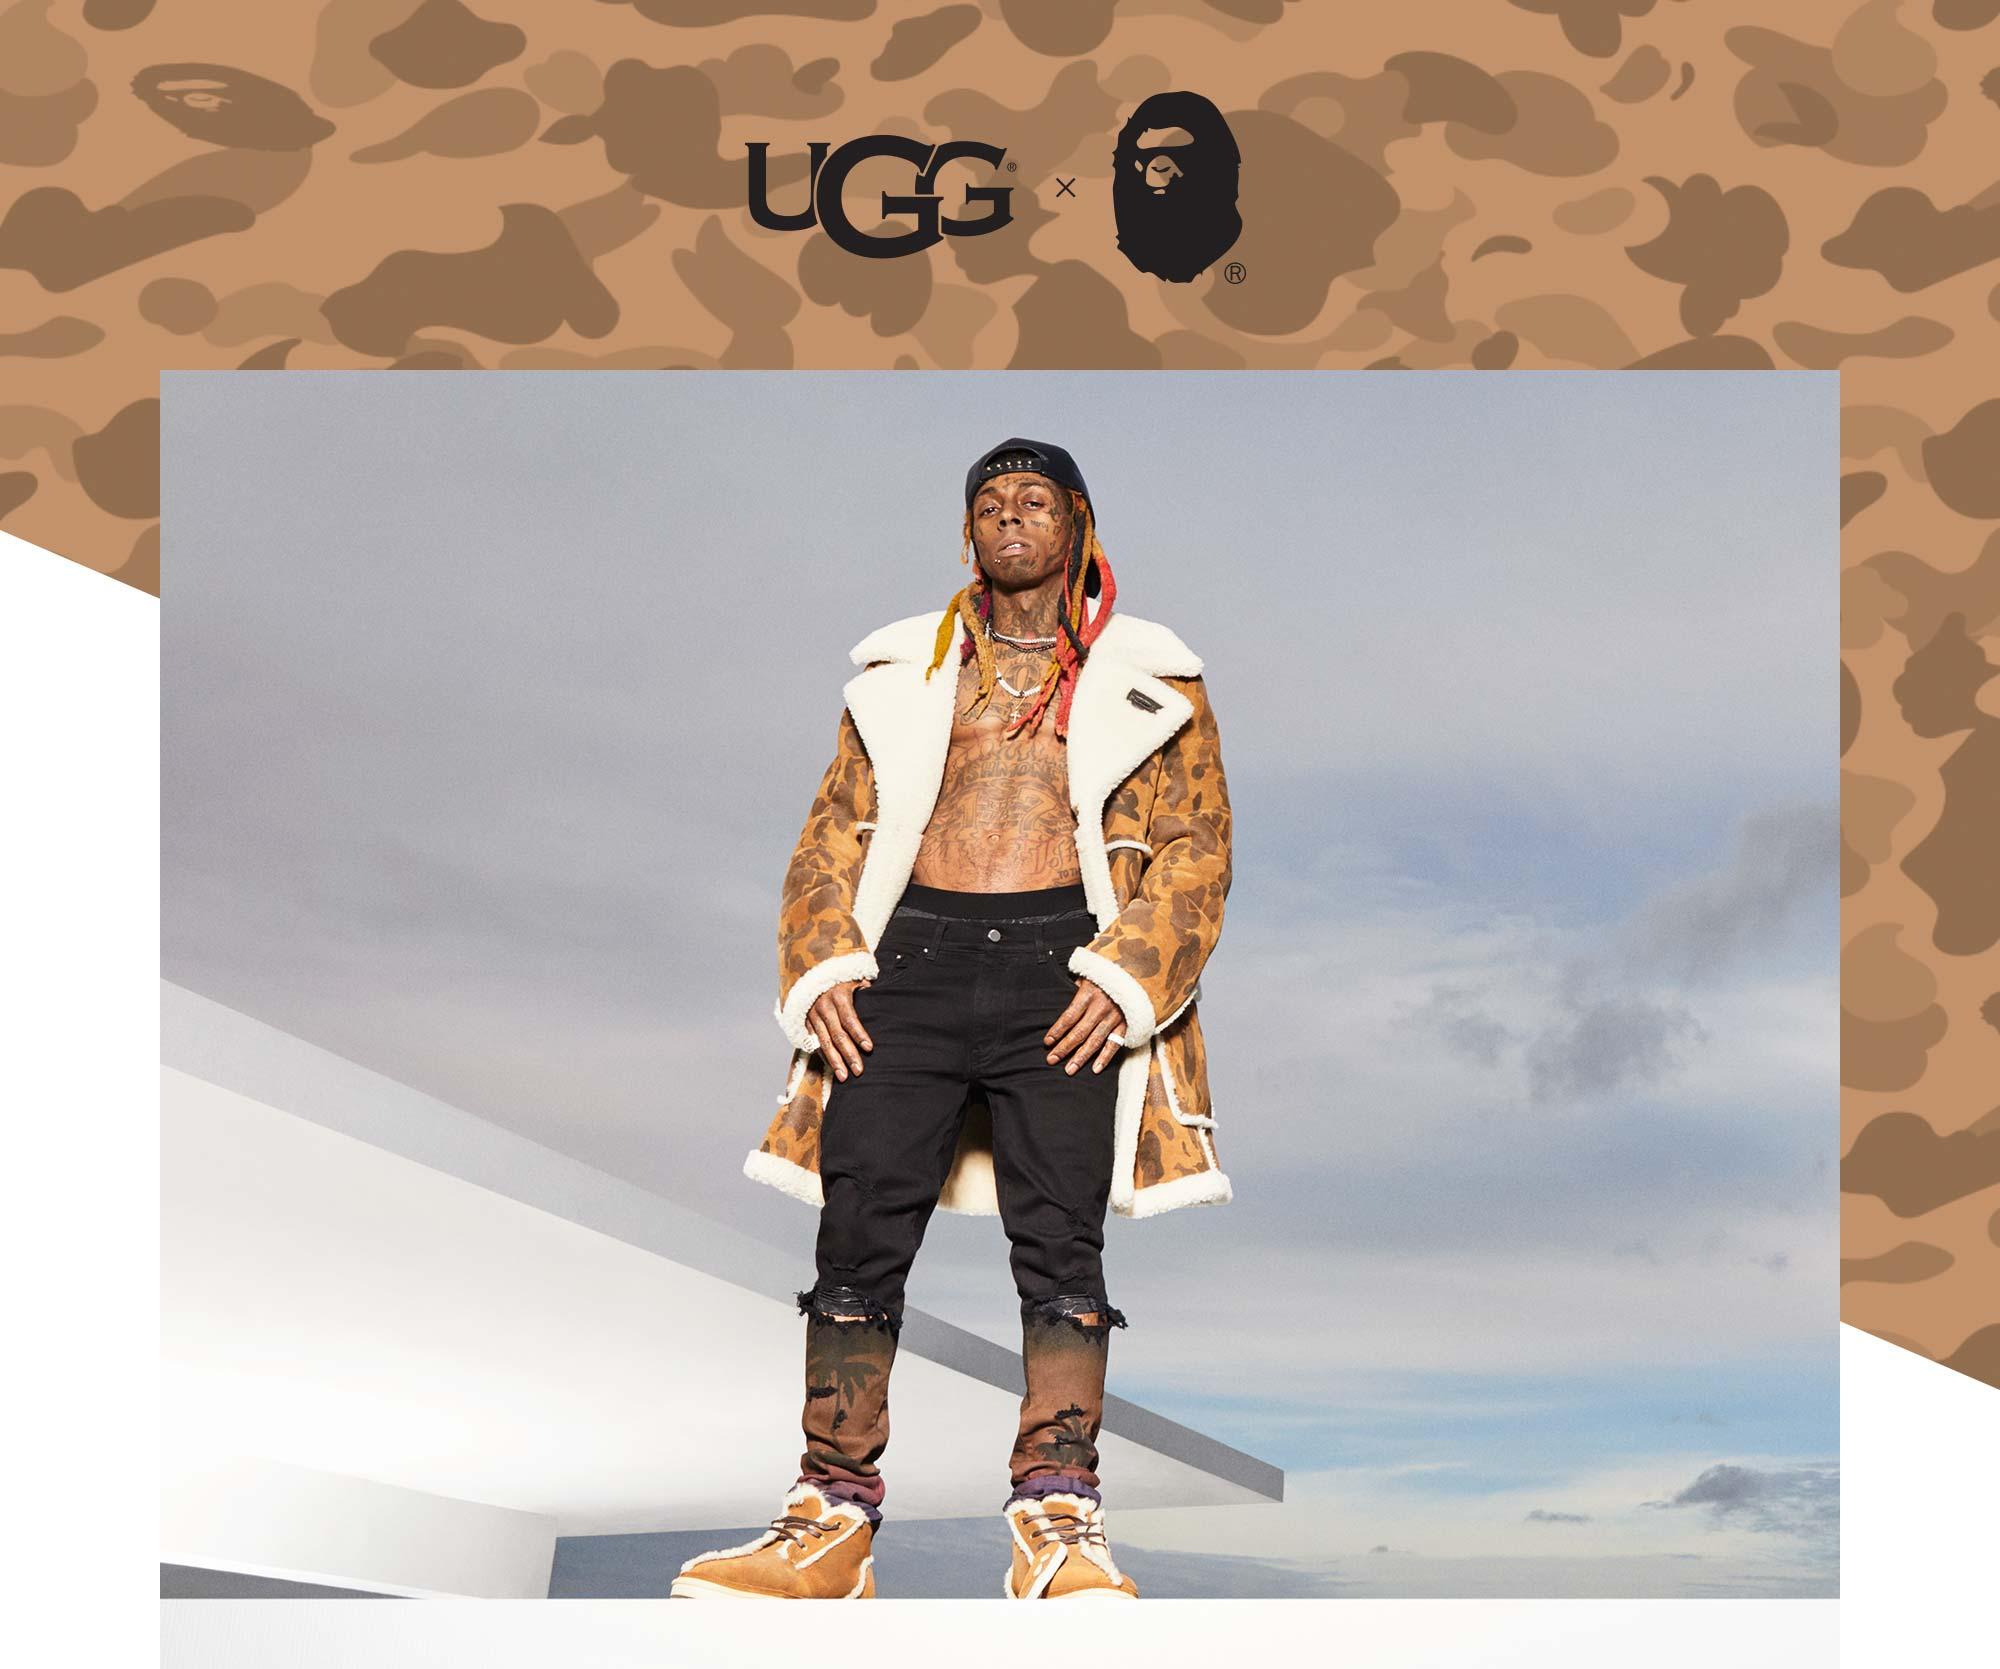 UGG x Bape featuring Lil Wayne.